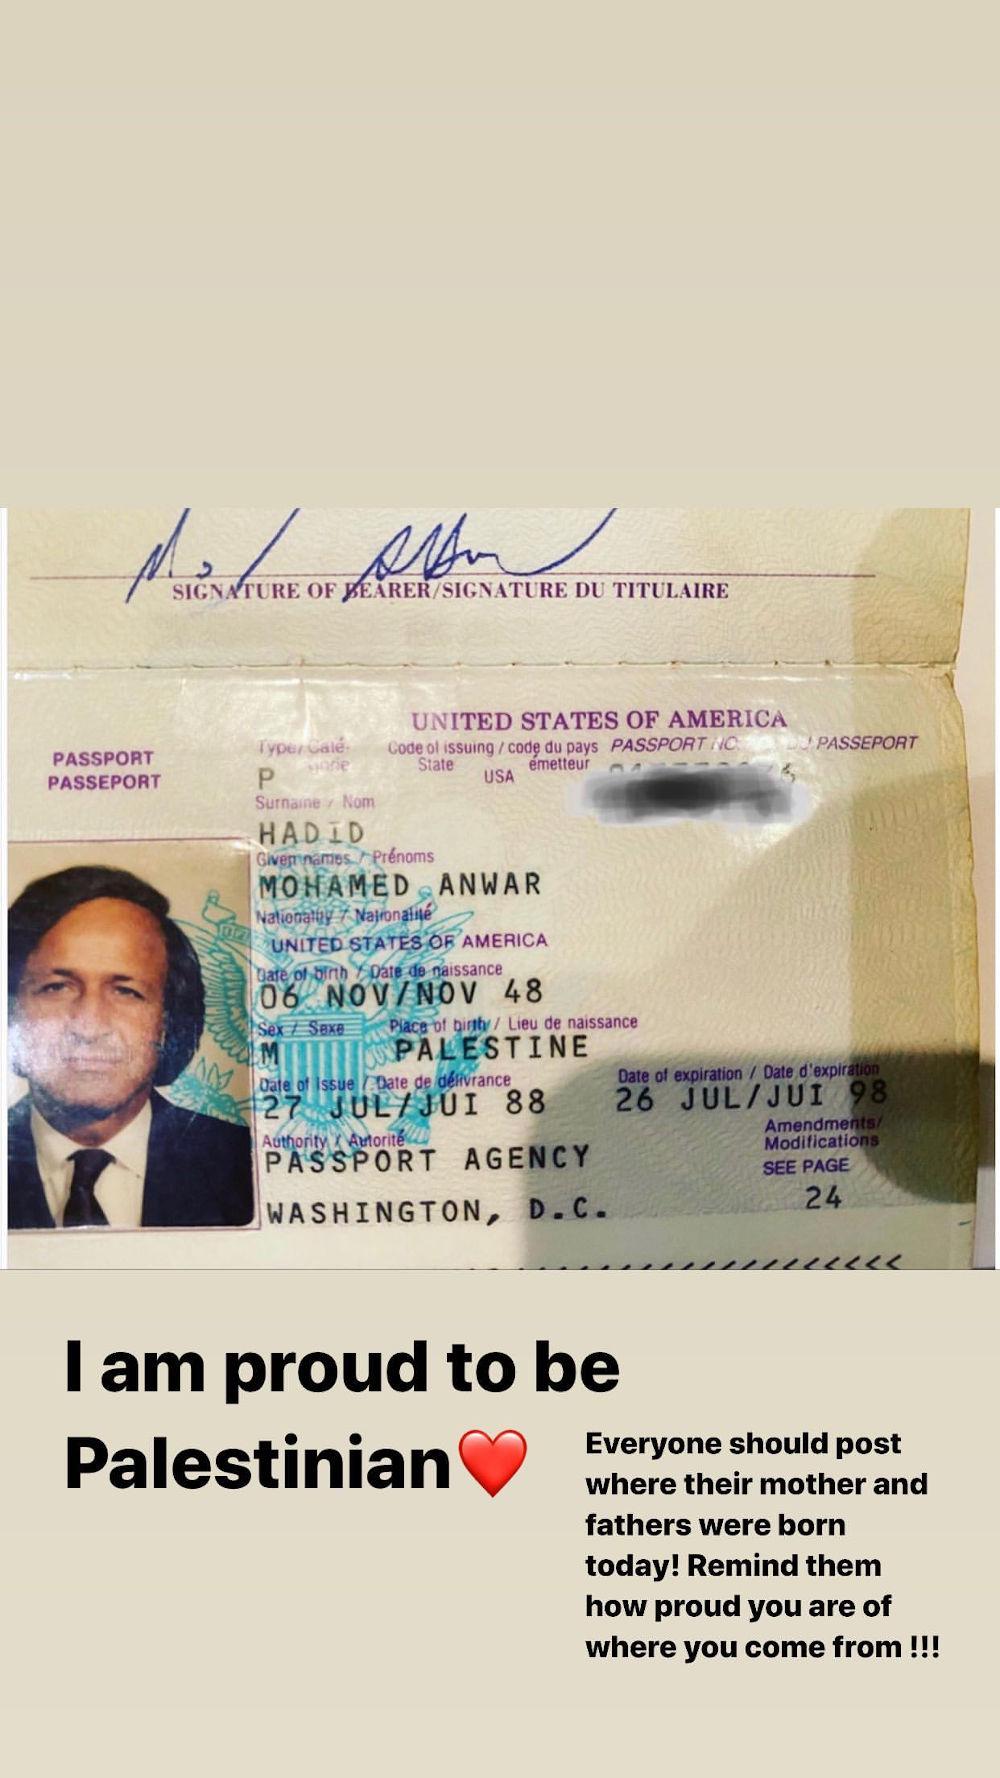 Το διαβατήριο του πατέρα της Μπέλα Χαντίντ που άνοιξε πόλεμο με το Instagram